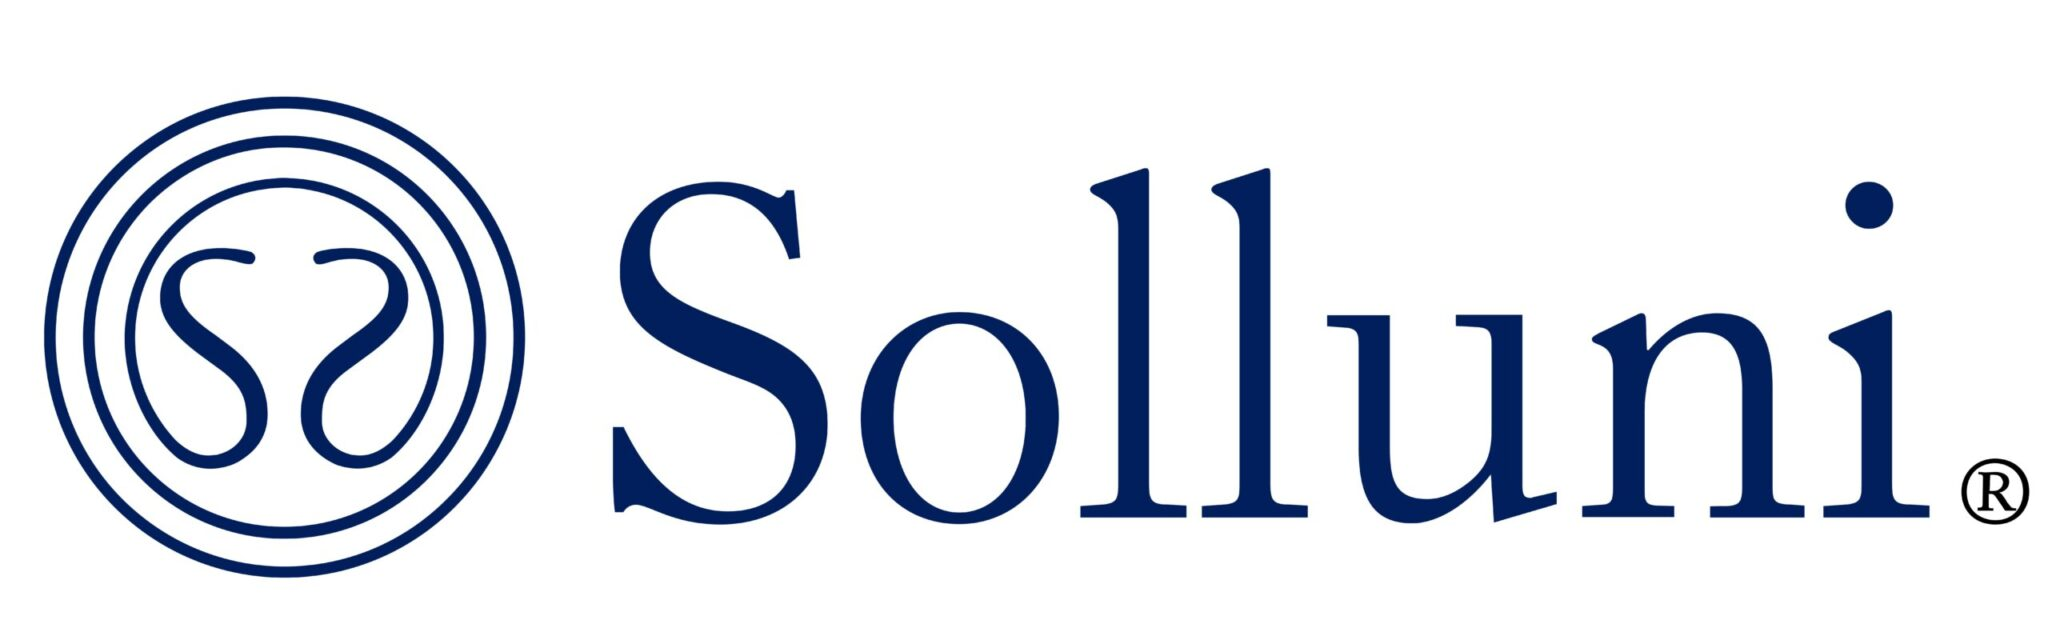 Solluni Pro